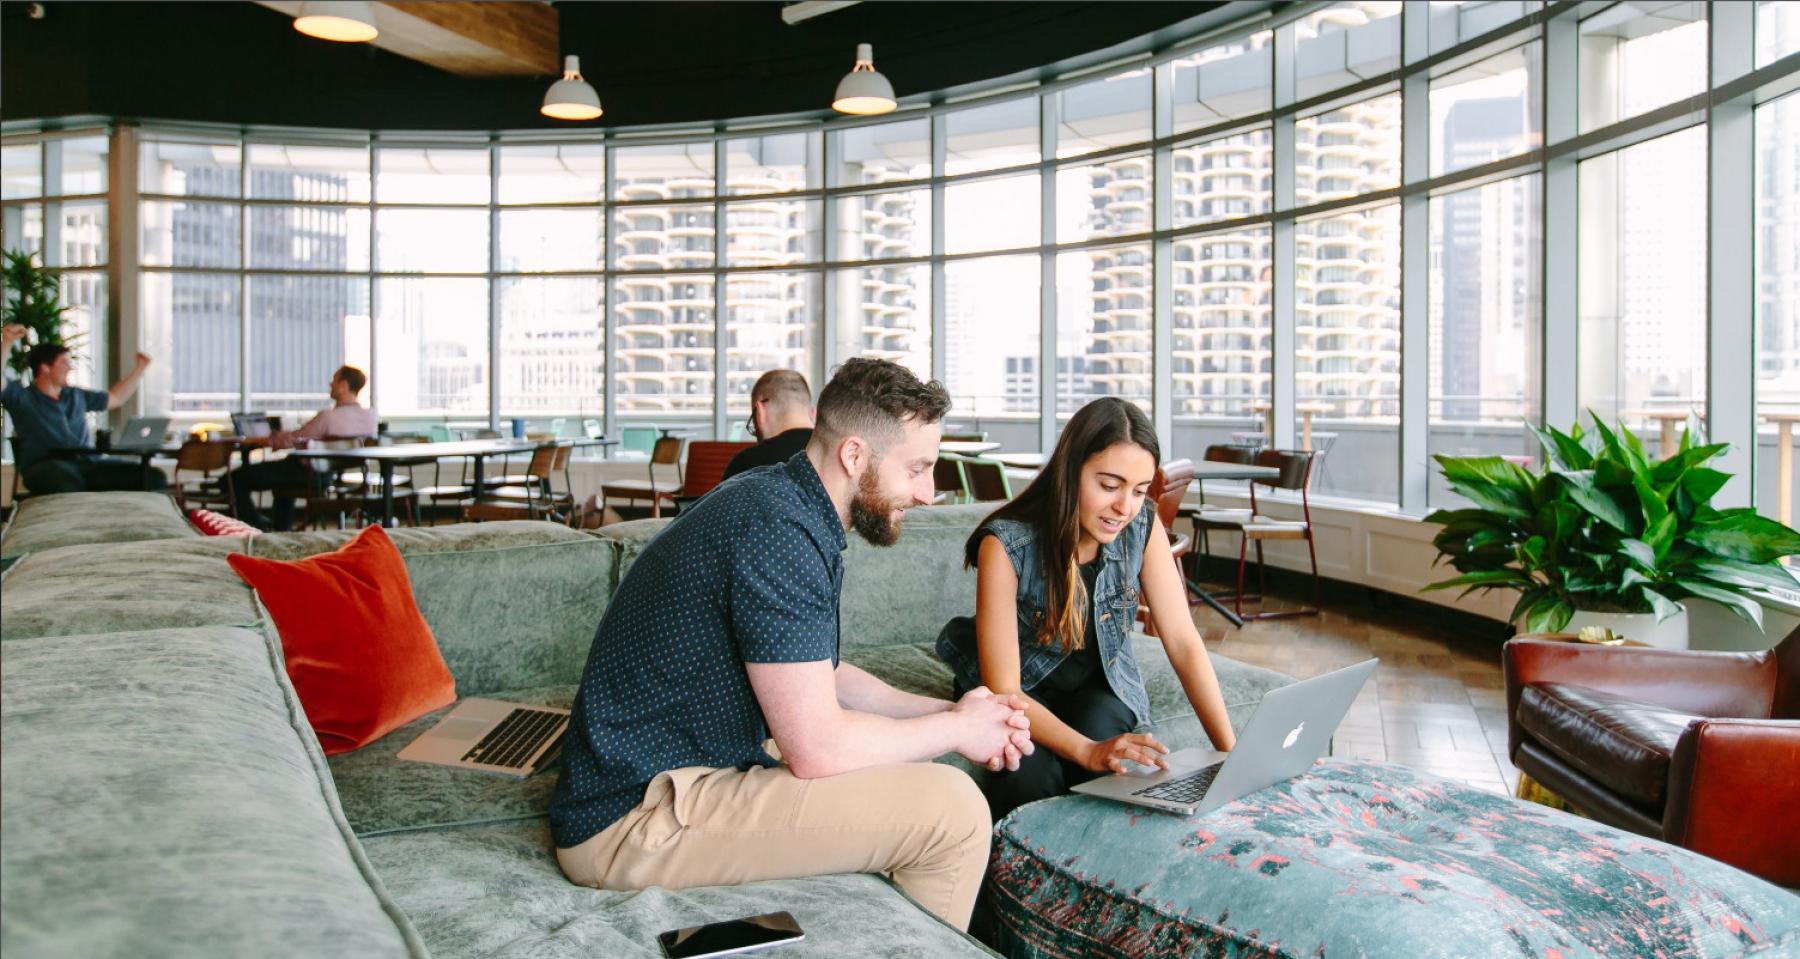 Gemeinschaftsbereich und flexible Arbeitsplätze in hellem großem Raum